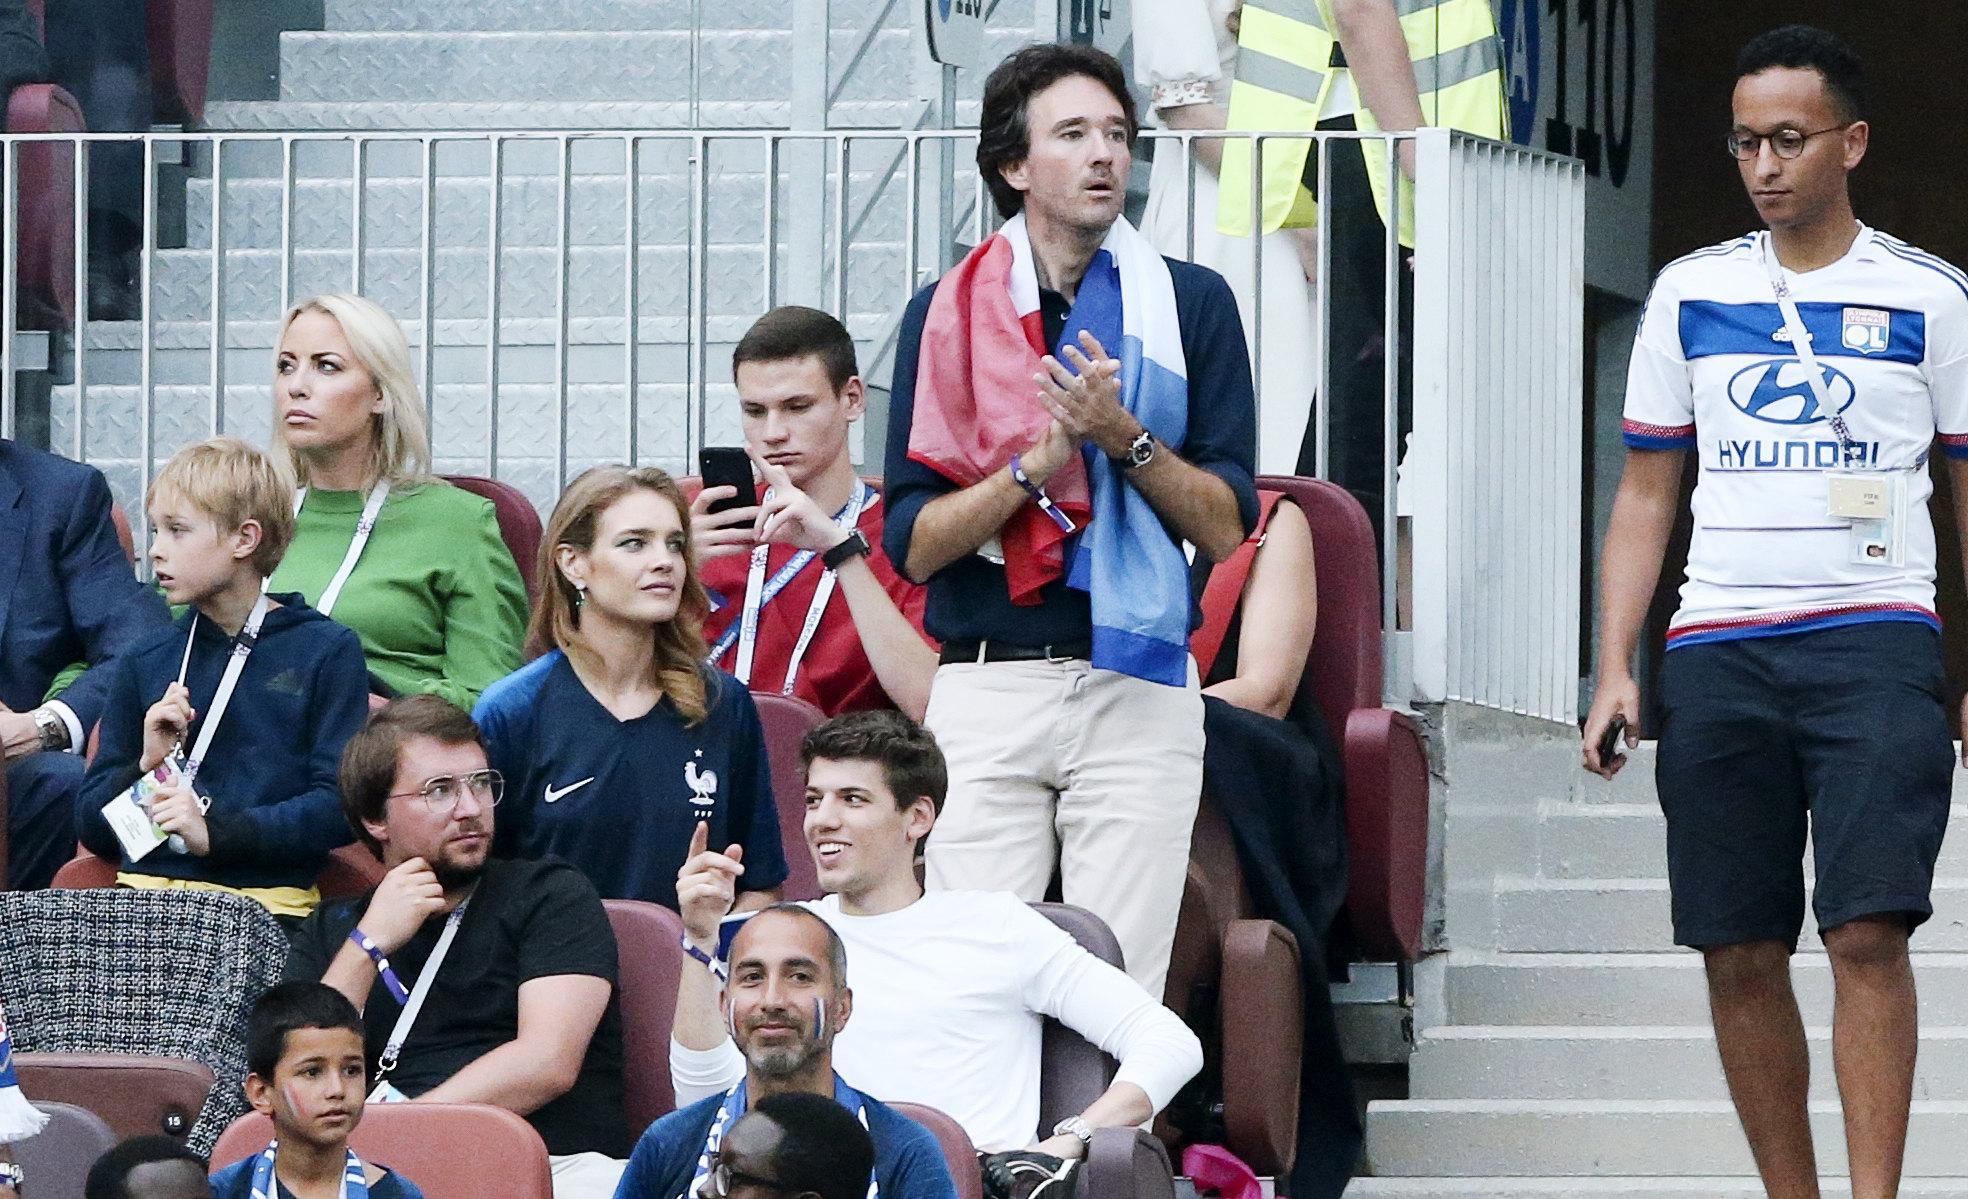 Антуан Арно иего жена Наталья Водянова нафинальном матче между Францией иХорватией